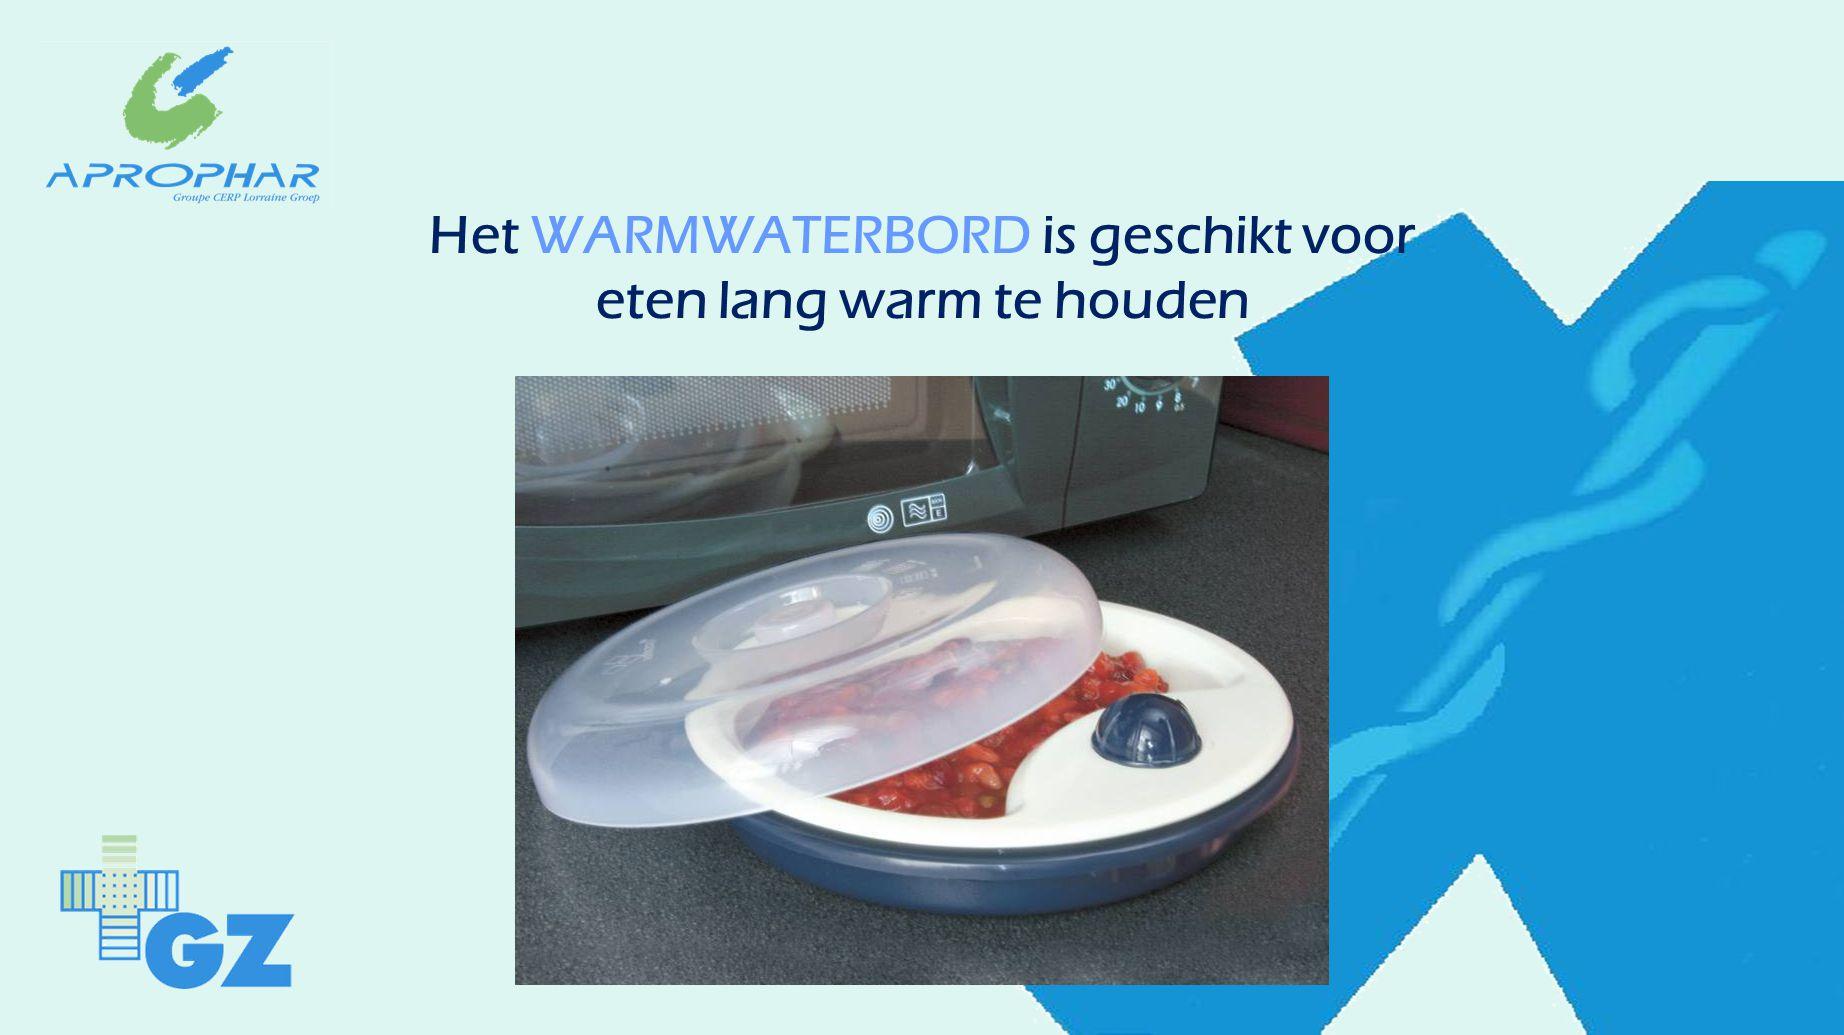 Het WARMWATERBORD is geschikt voor eten lang warm te houden